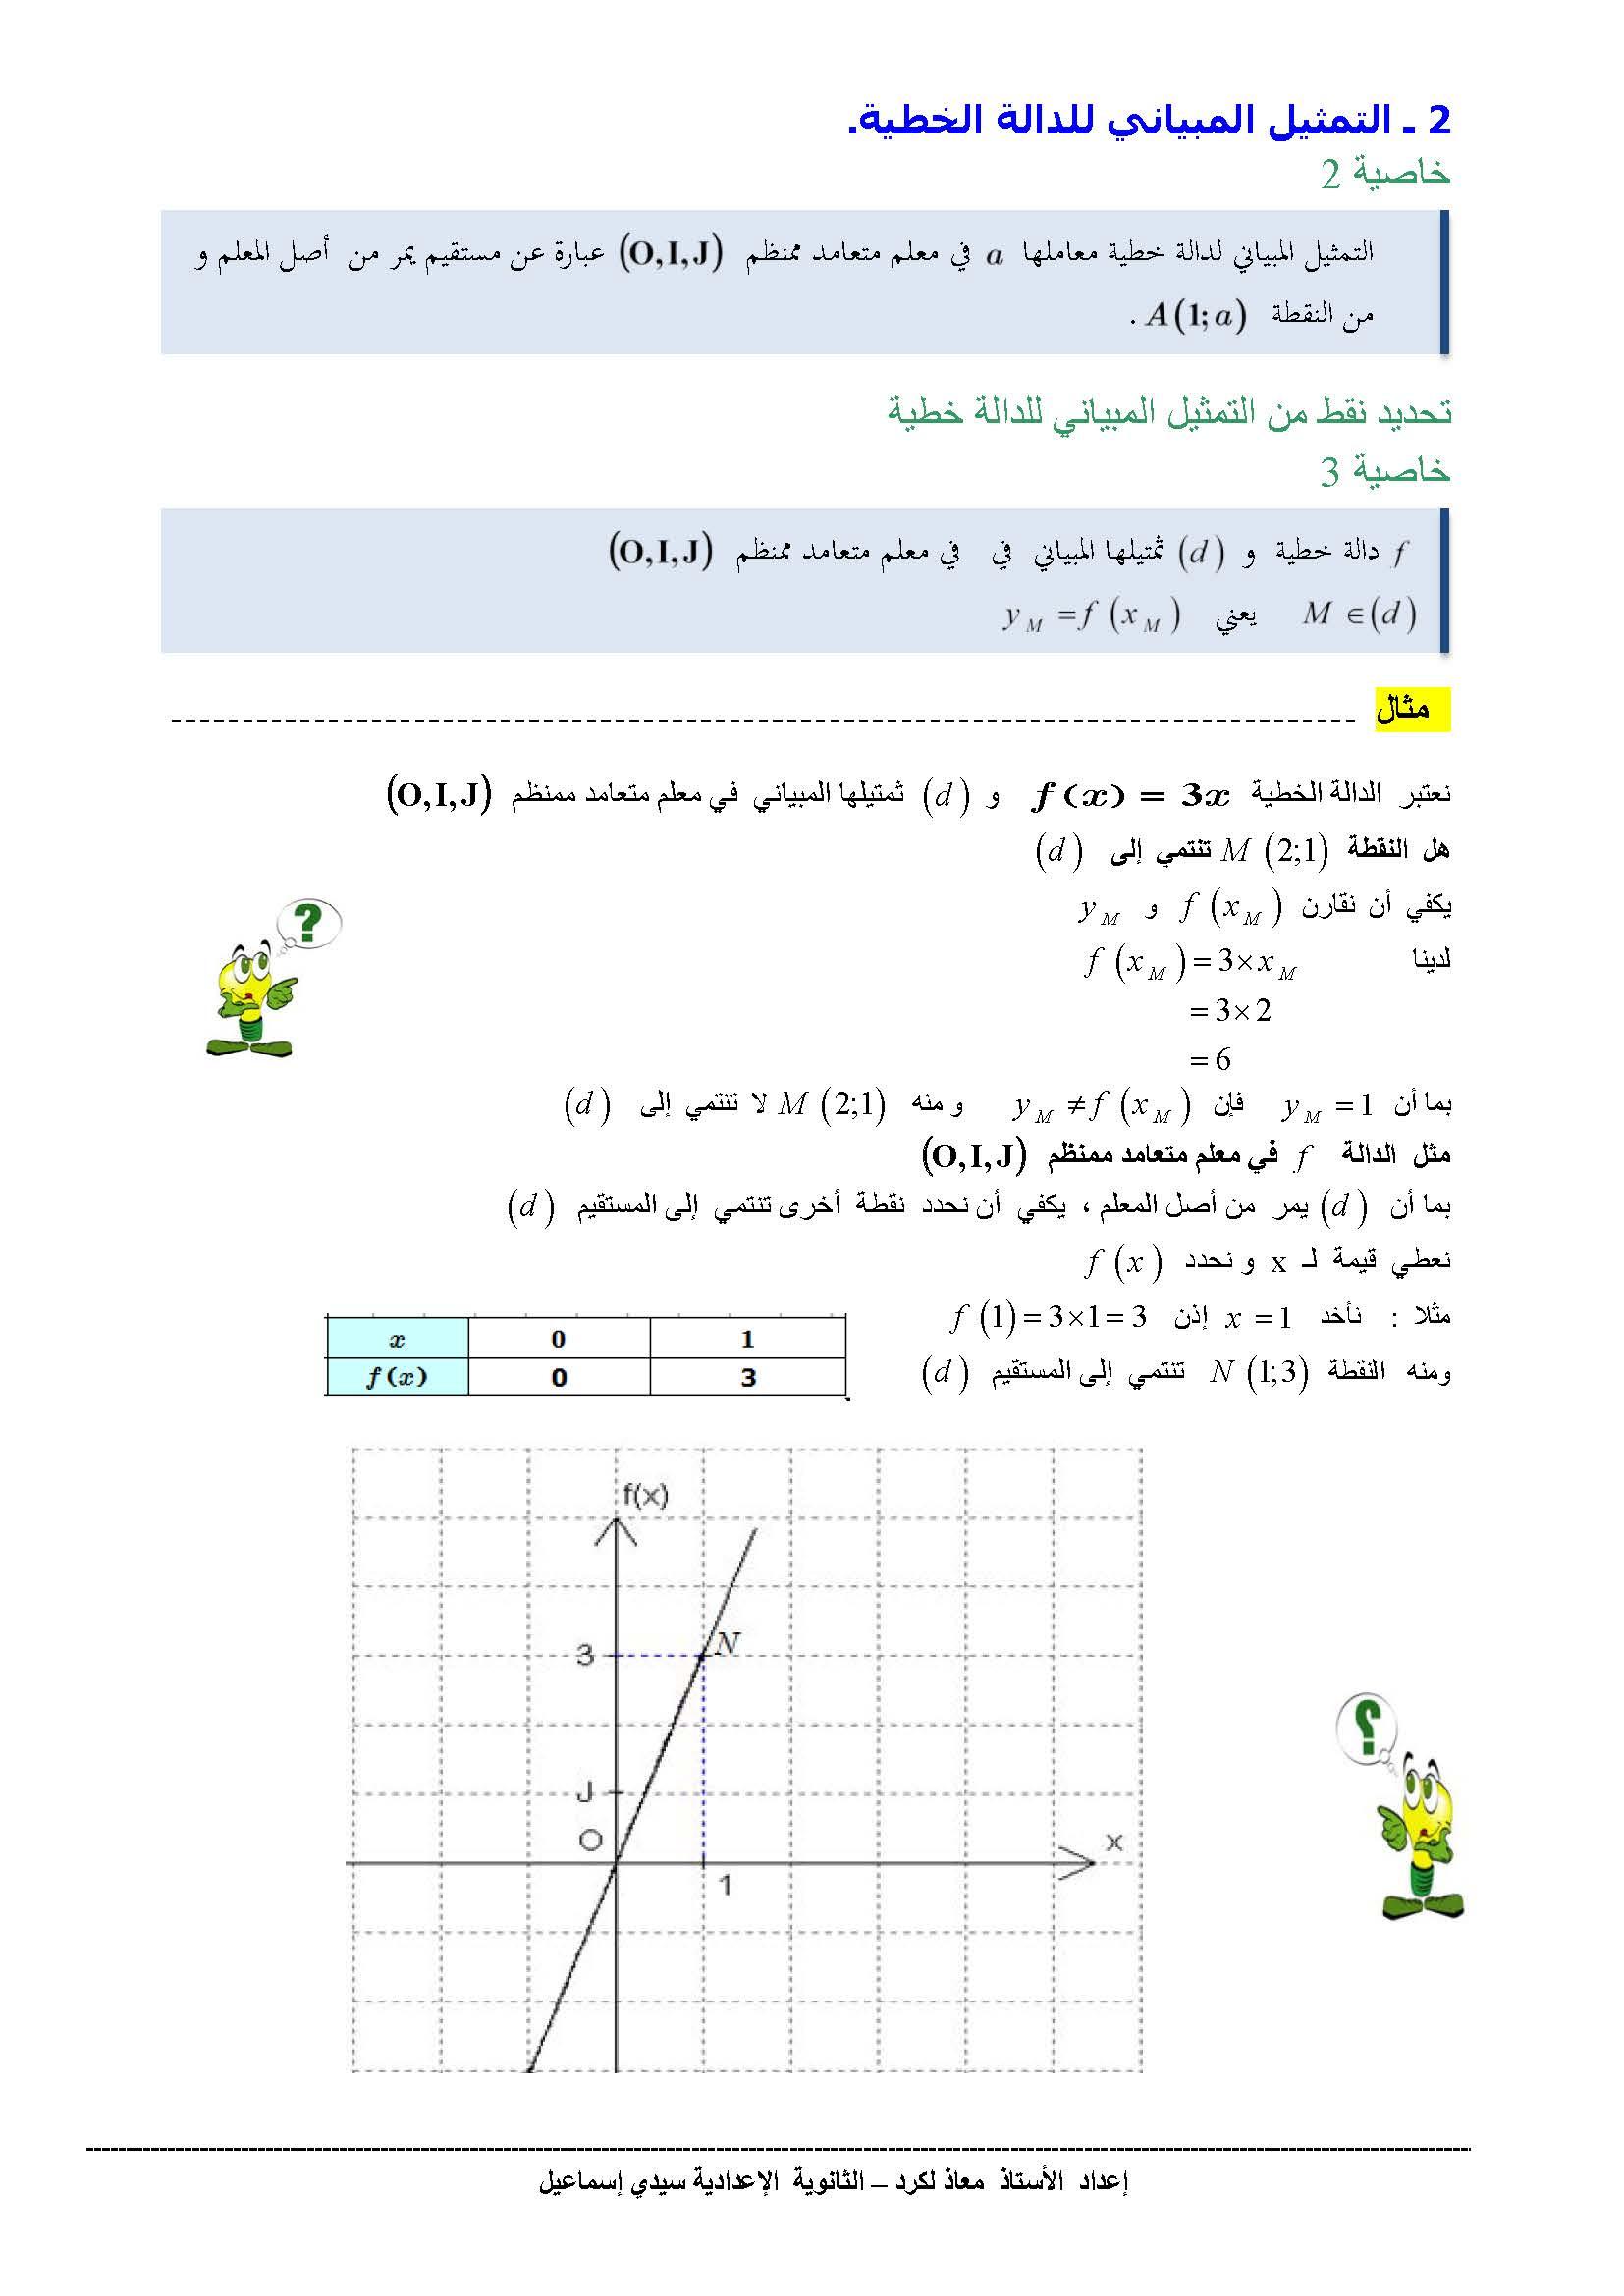 دروس الرياضيات : الدالة الخطية و التألفية +تطبيقات | الثالثة إعدادي